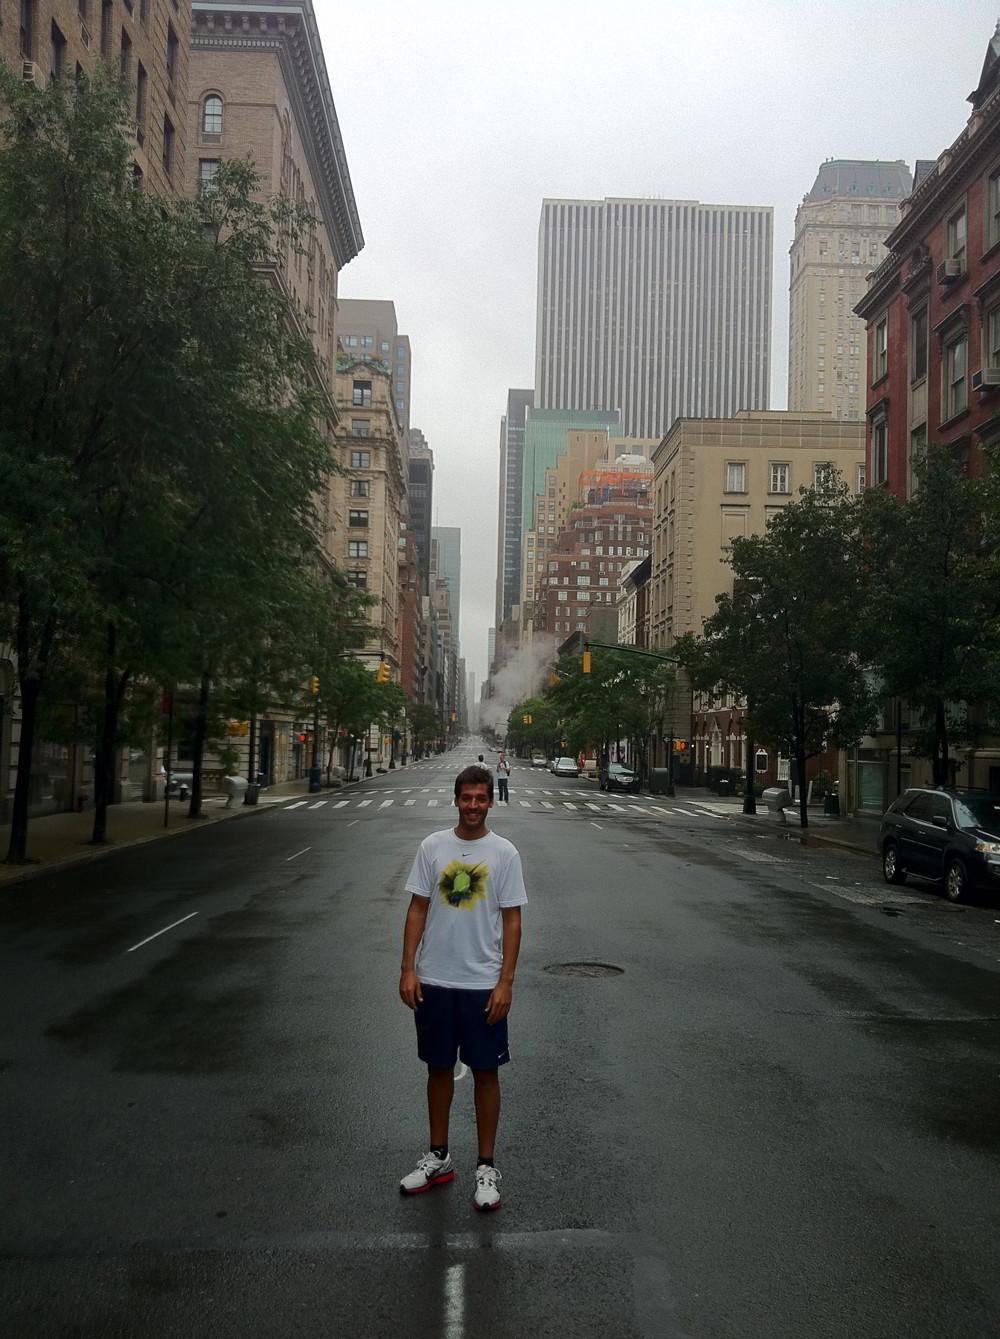 Huracán Catrina - New York 2011